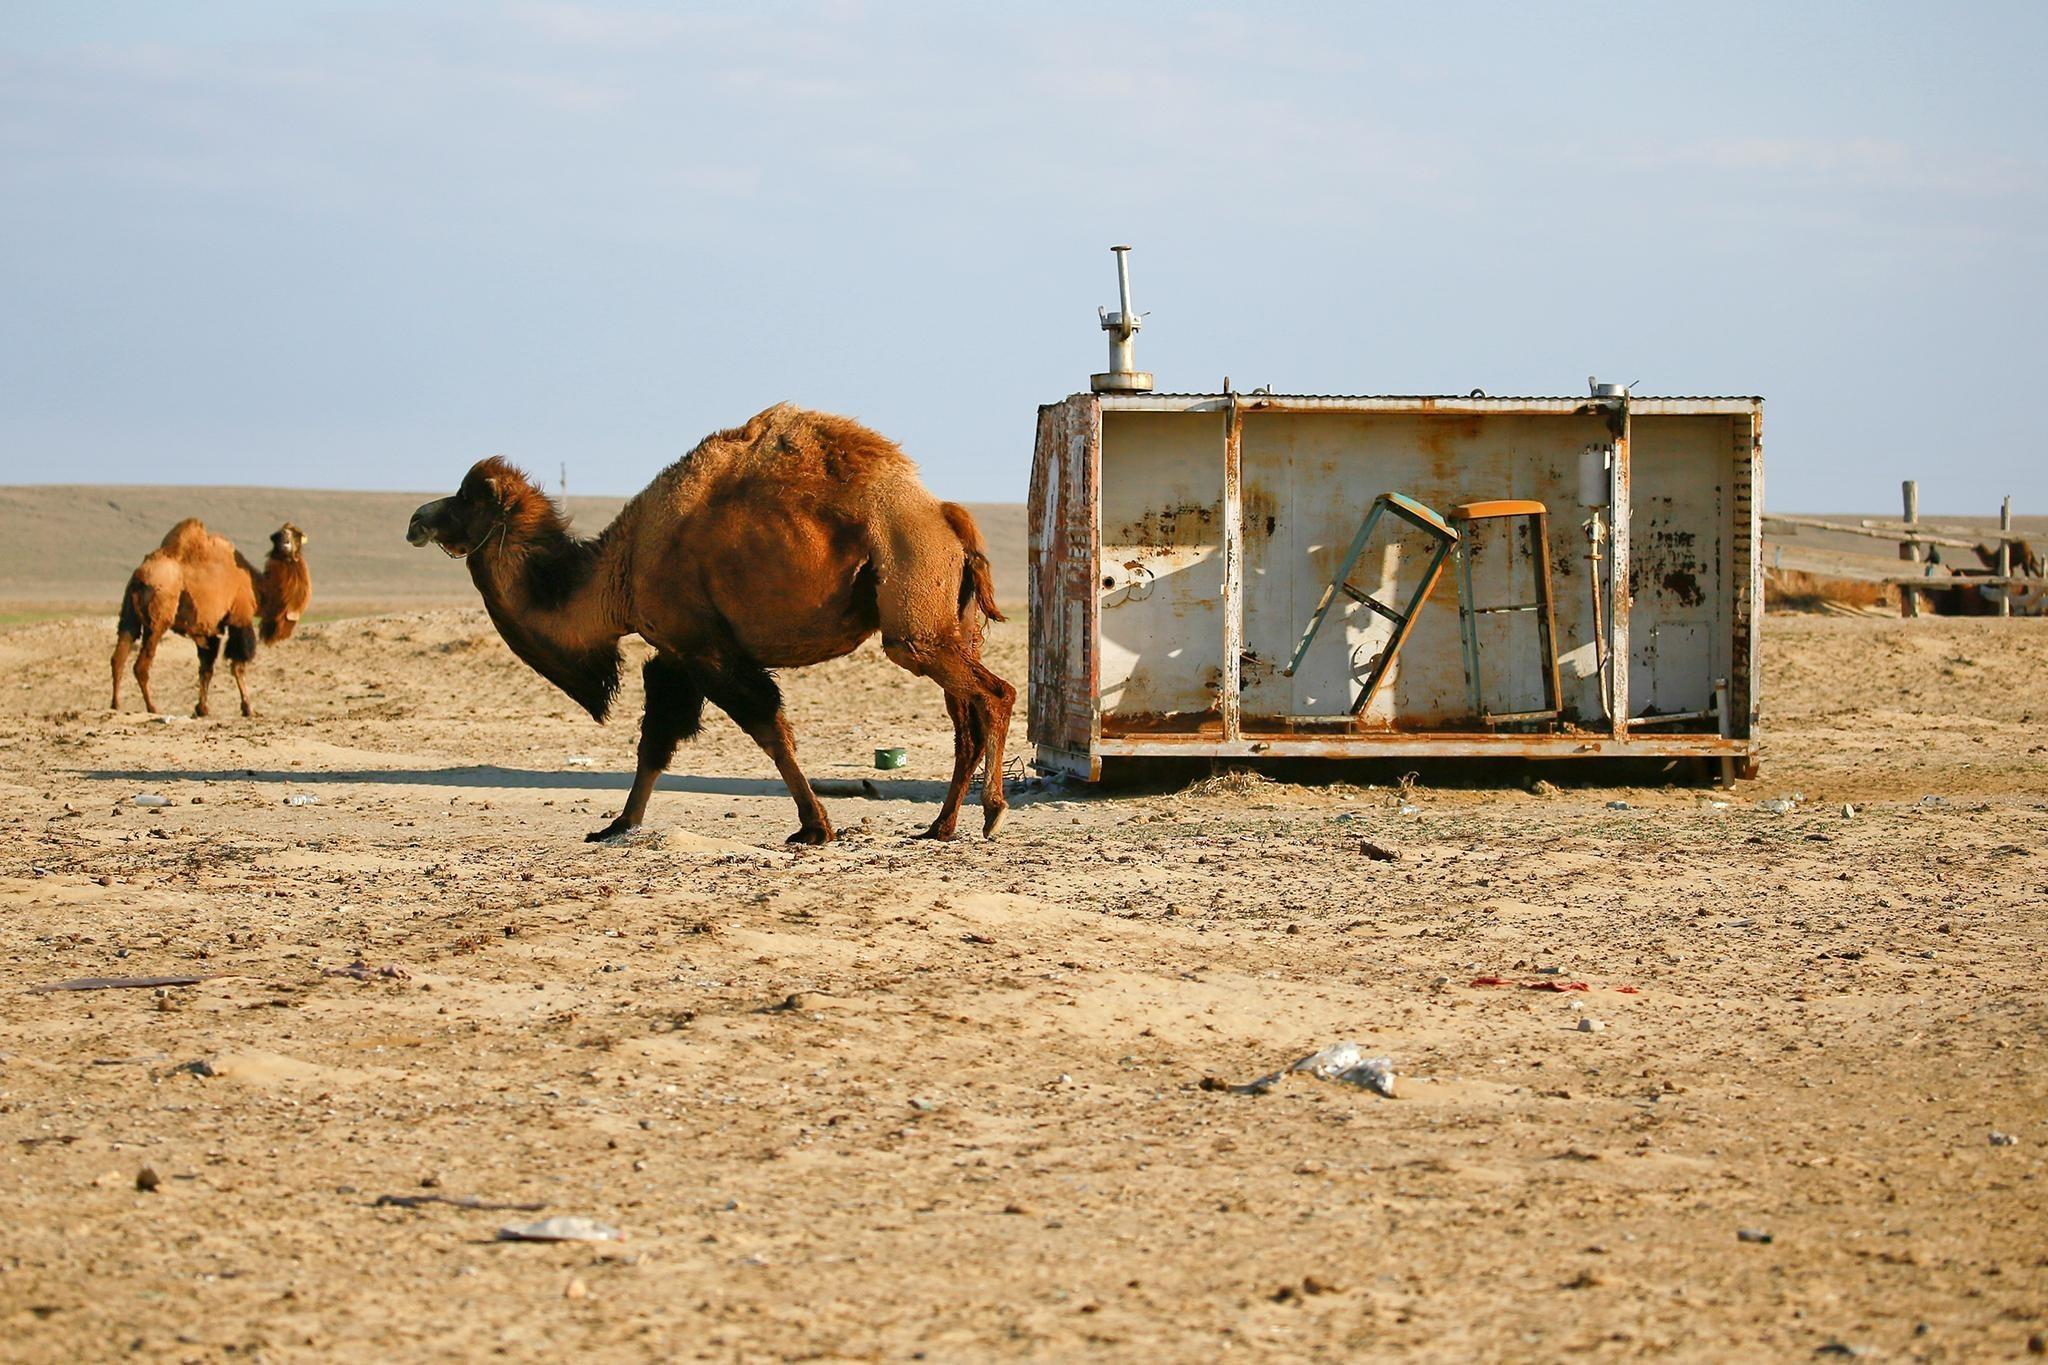 Природный памятник человеческой глупости: что осталось от Аральского моря Аральское  море,Казахстан,рыбный промысел